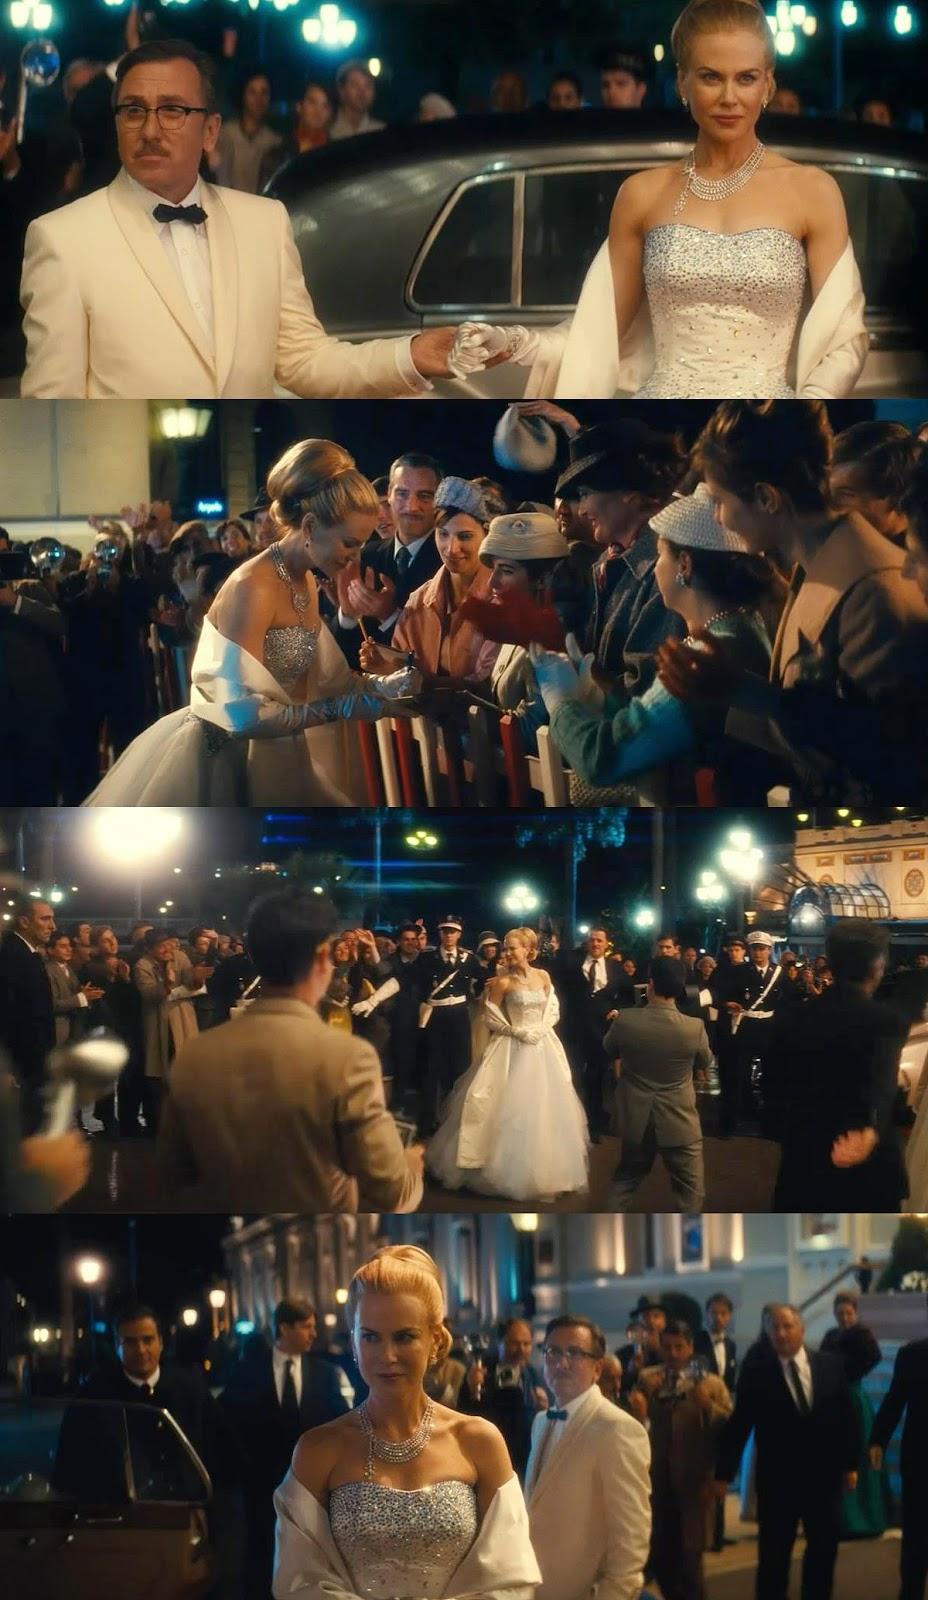 Garderoba filmowa, Filmowe stylizacje, ubrania z filmów, Grace of Monaco, Księżna Monako, sukienki, dress, stylizacje, clothes,